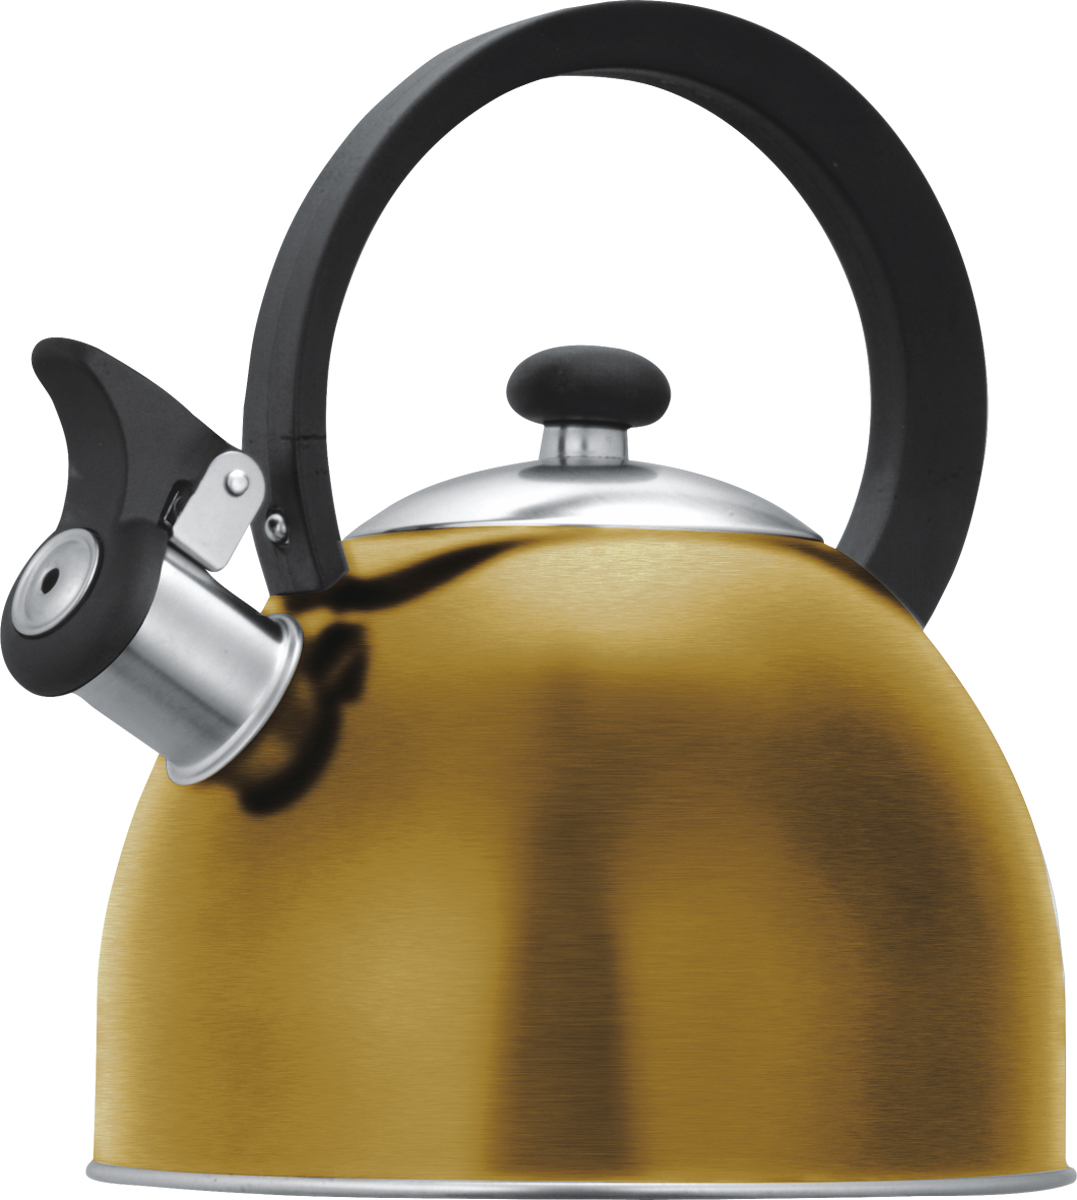 Чайник Lumme со свистком, цвет: золотистый, 1,8 л чайник lumme со свистком цвет золотистый 1 8 л